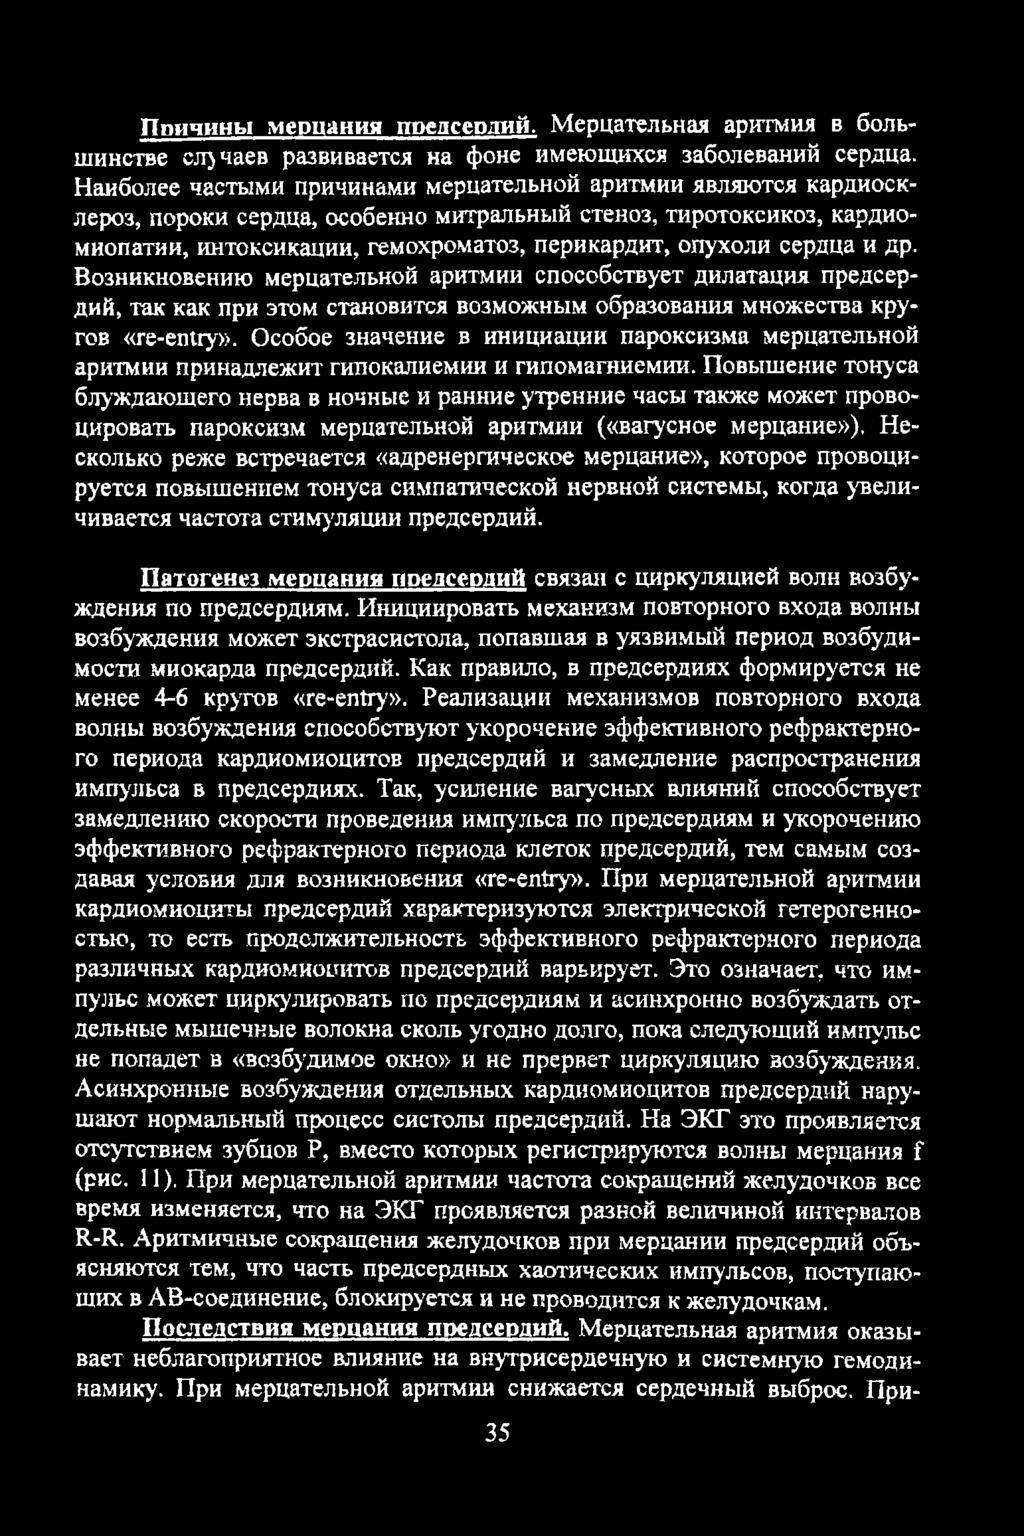 Классификация аритмий по воз